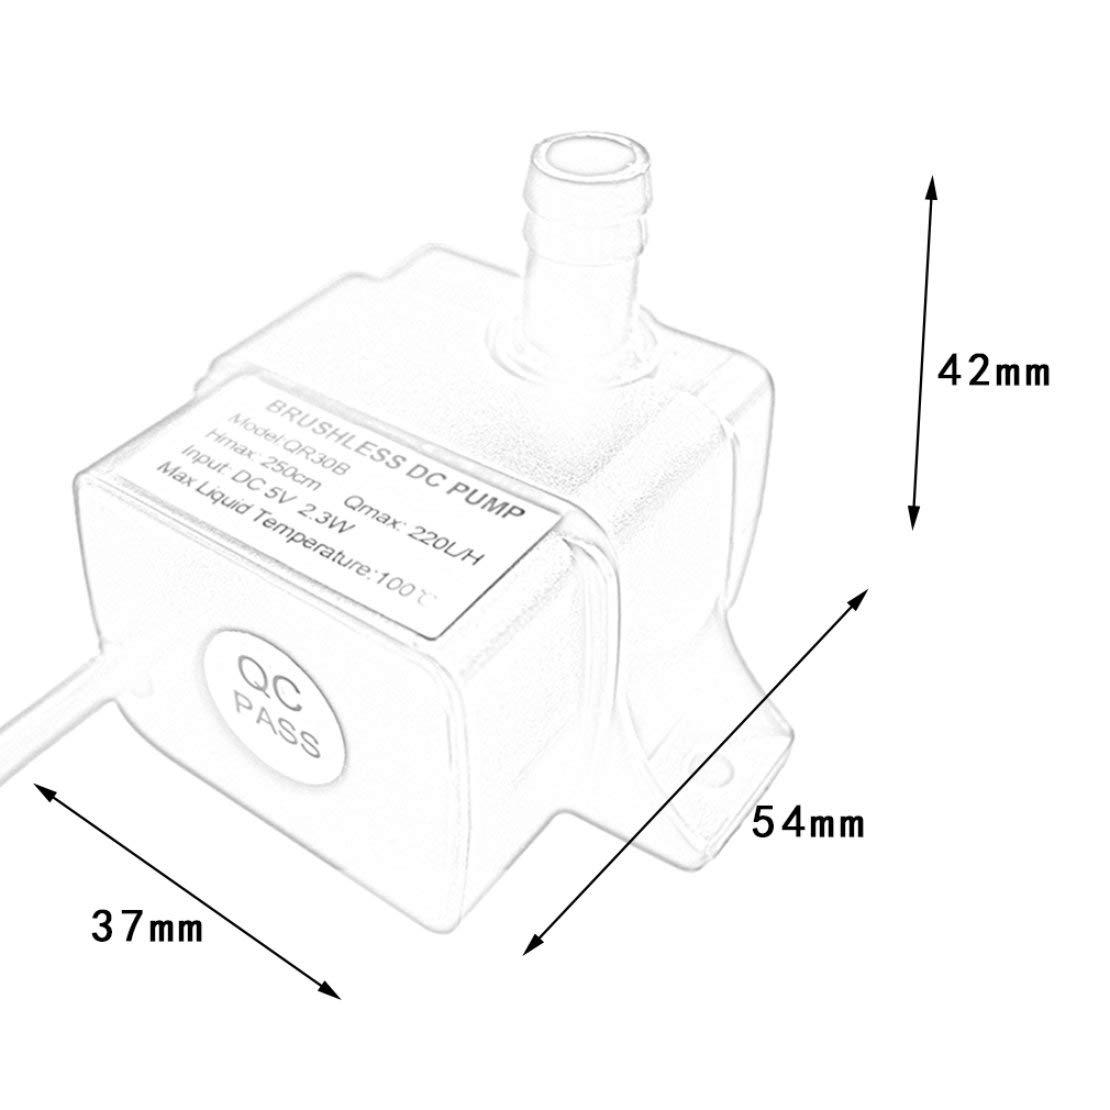 H Sanzhileg Pompa di Acqua Senza Spazzola Professionale di Raffreddamento della CPU del CPU IP68 di Tasso Basso di induzione a Basso Rumore QR30B di CC 5V 2.3W 220L